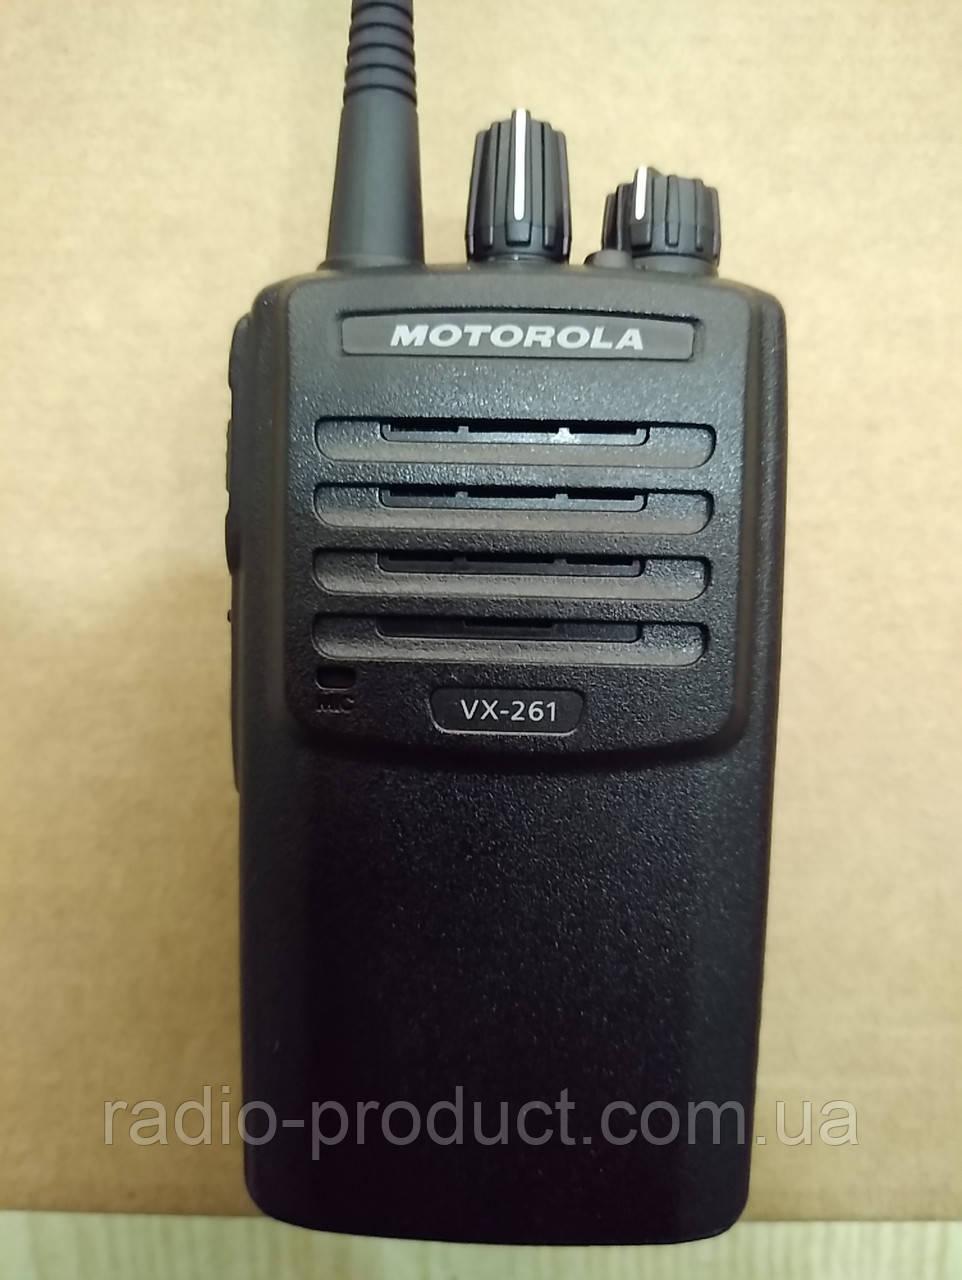 Motorola VX-261 UHF, + FNB-V134, профессиональная портативная радиостанция